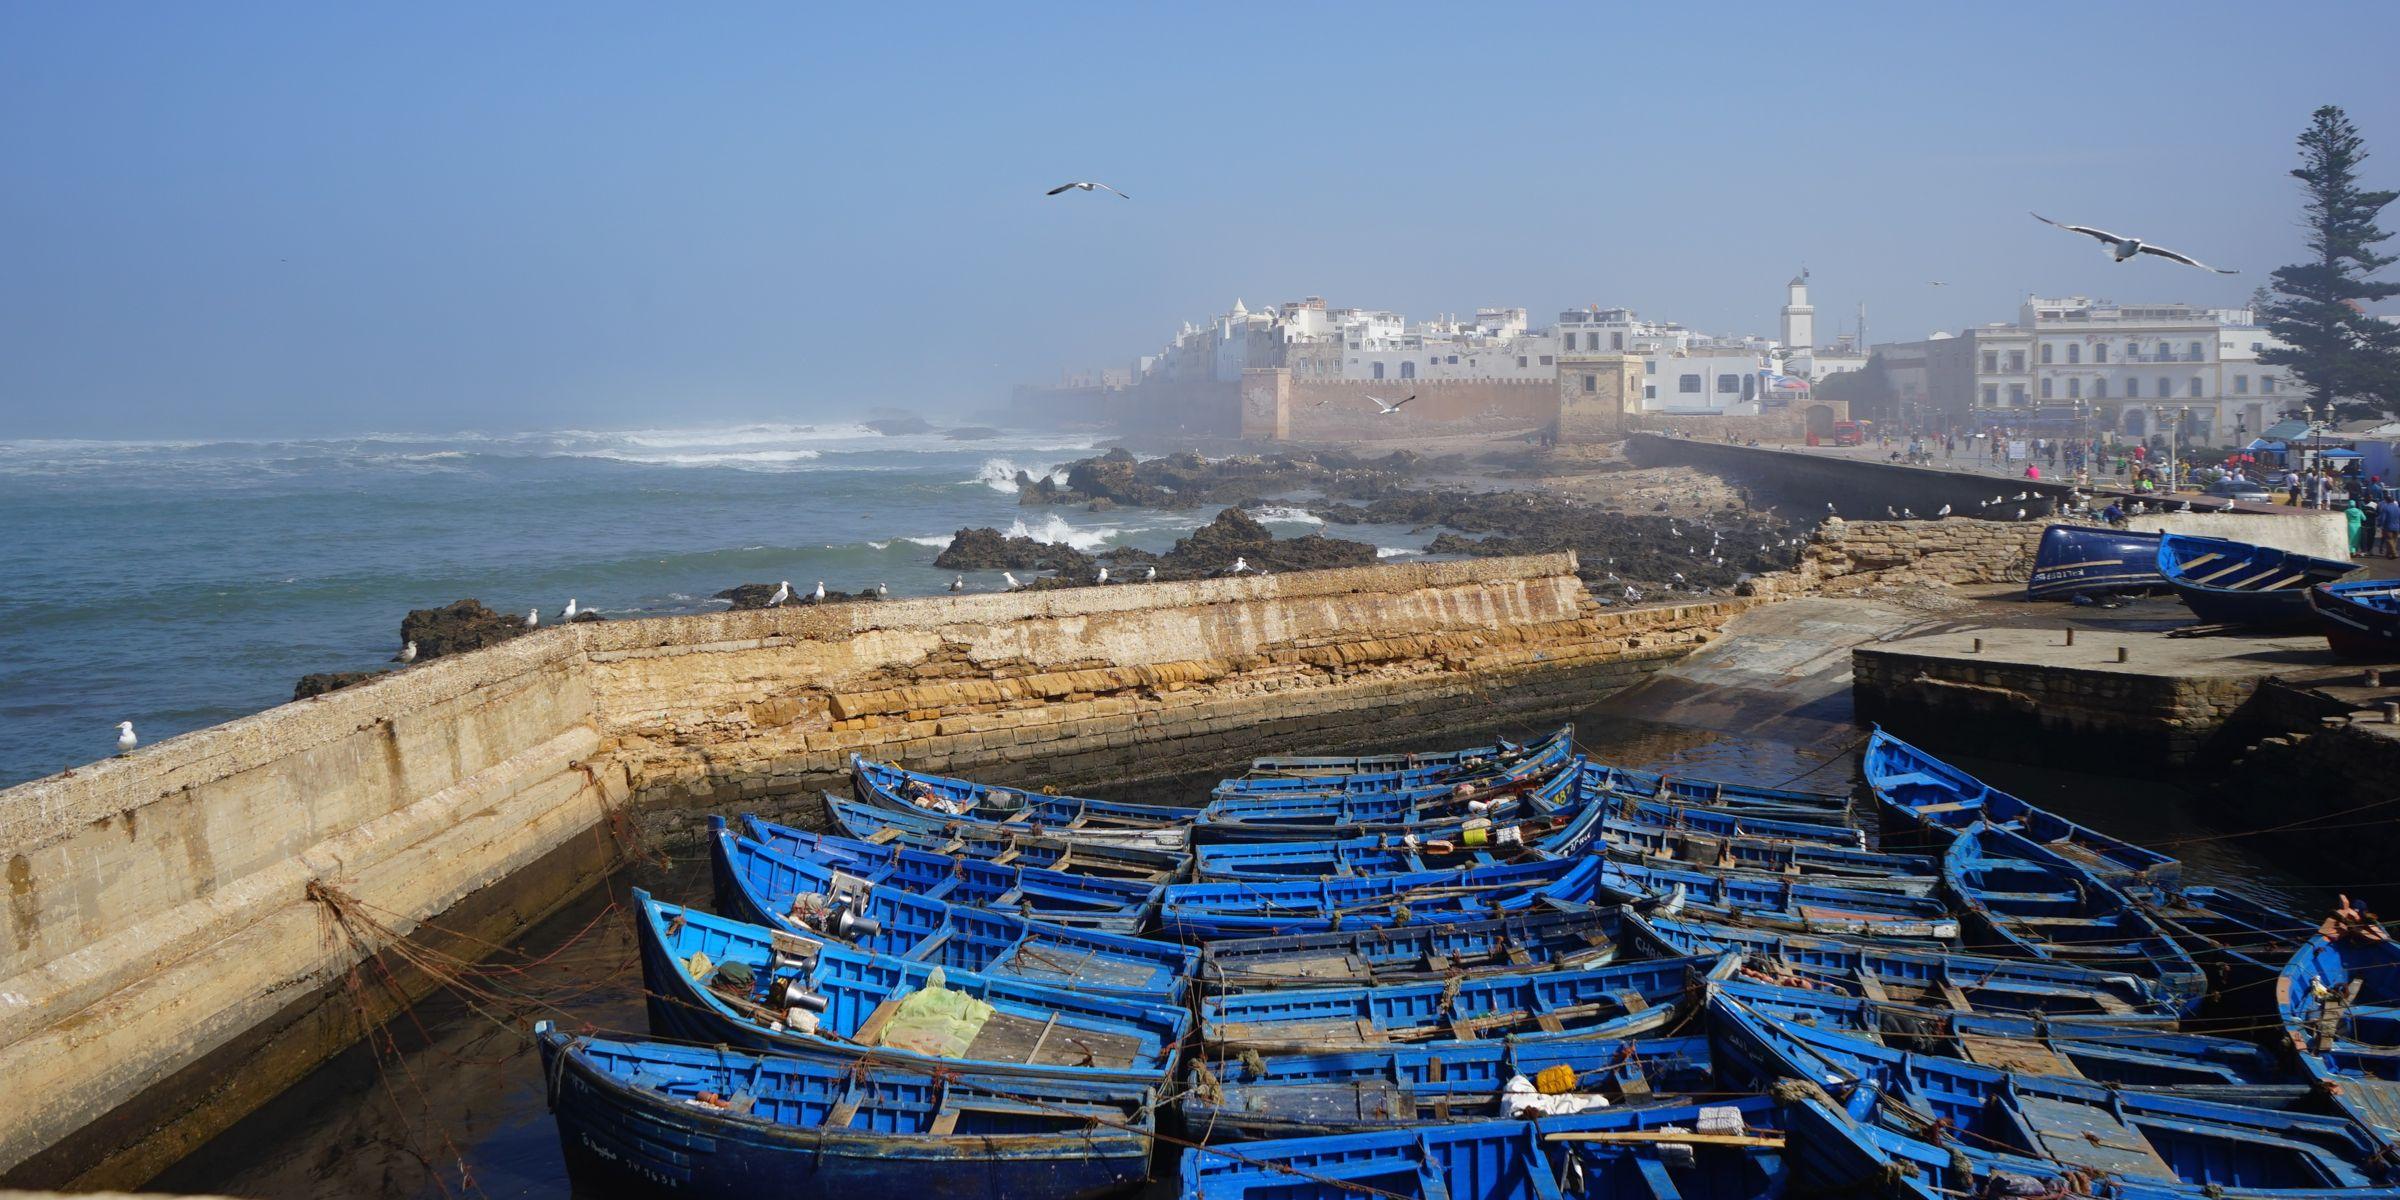 【モロッコ女子旅】芸術家の街Essaouiraエッサウィラ